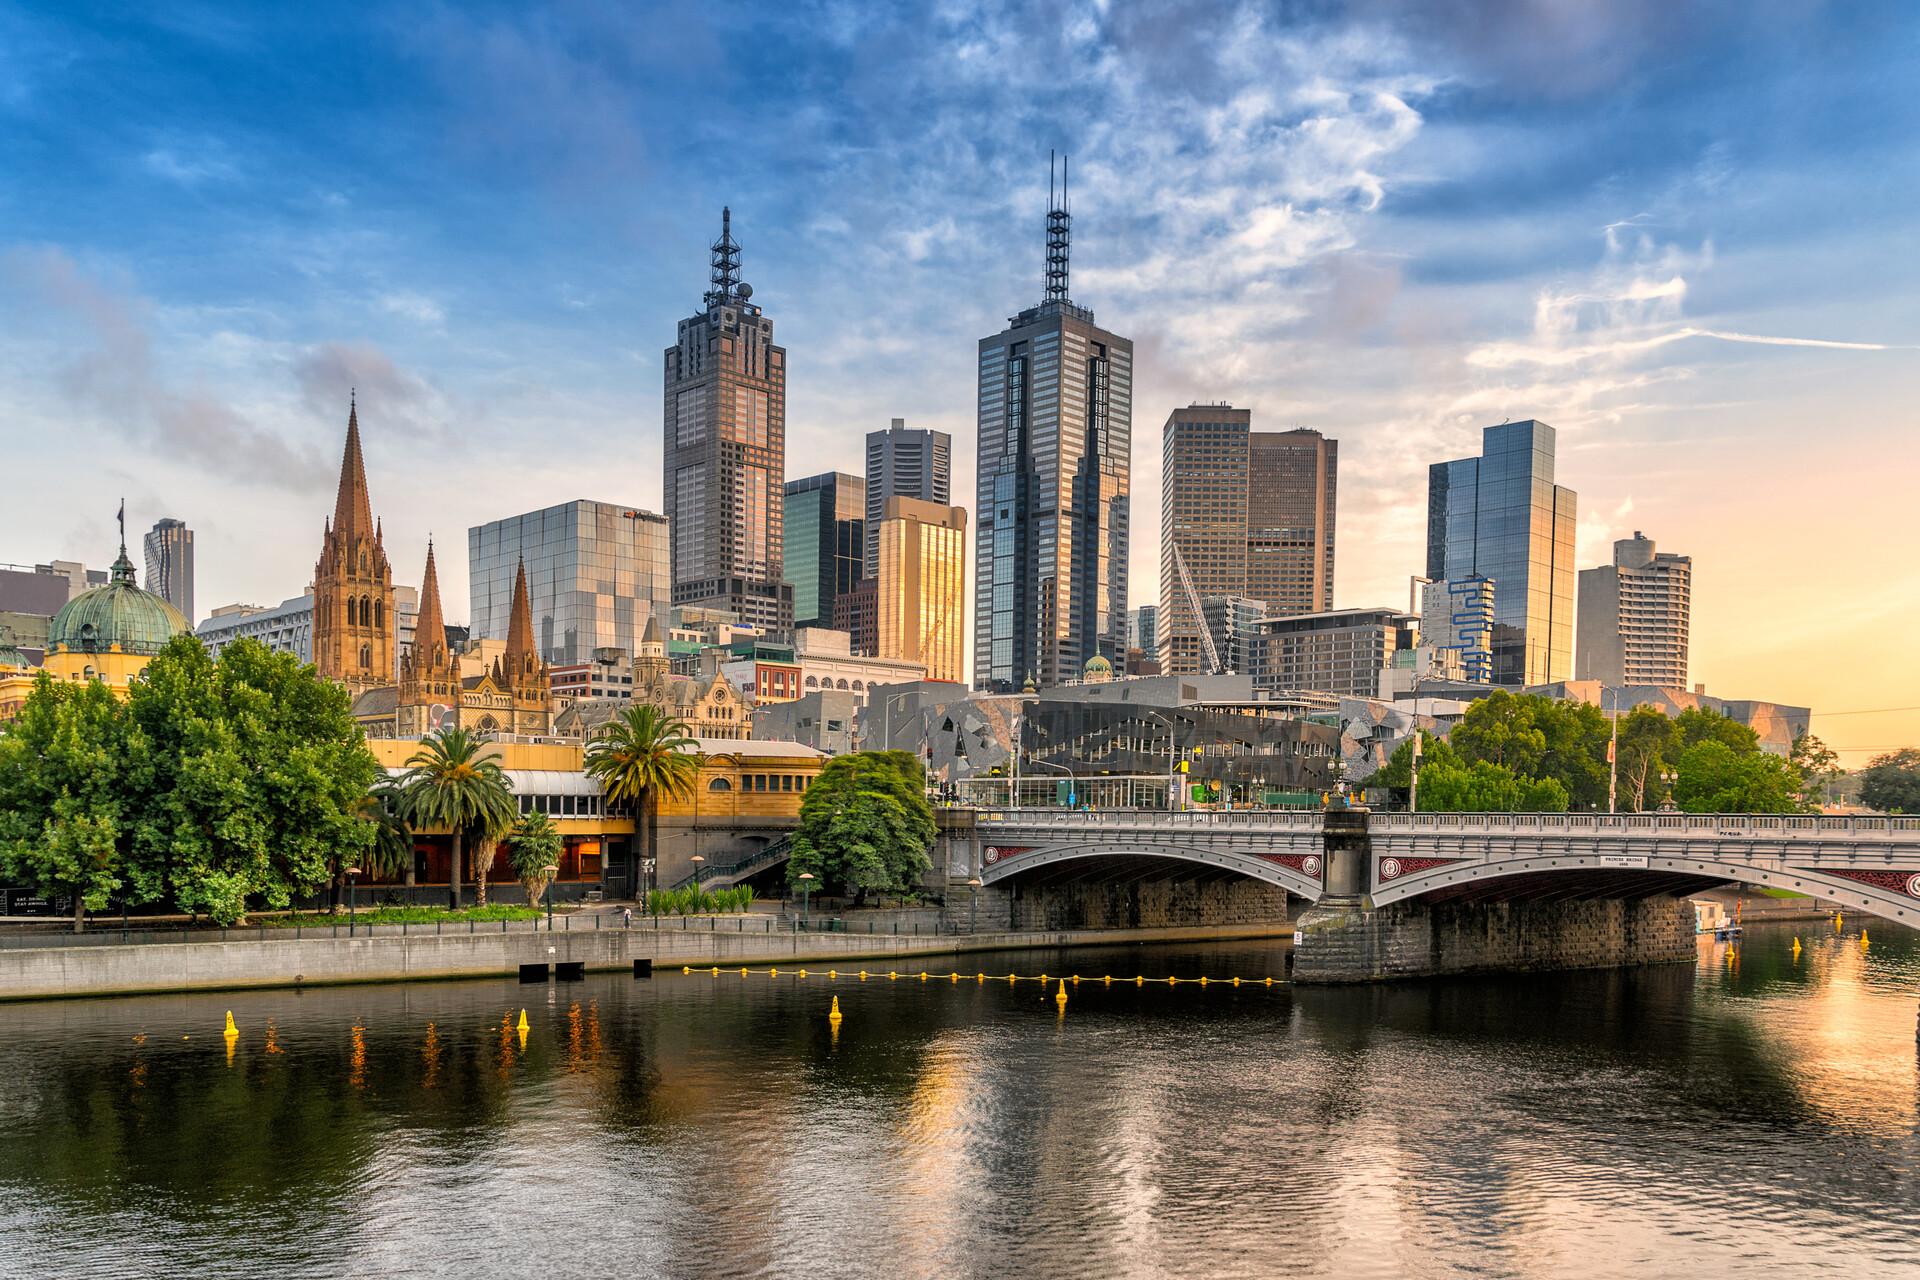 australia city image